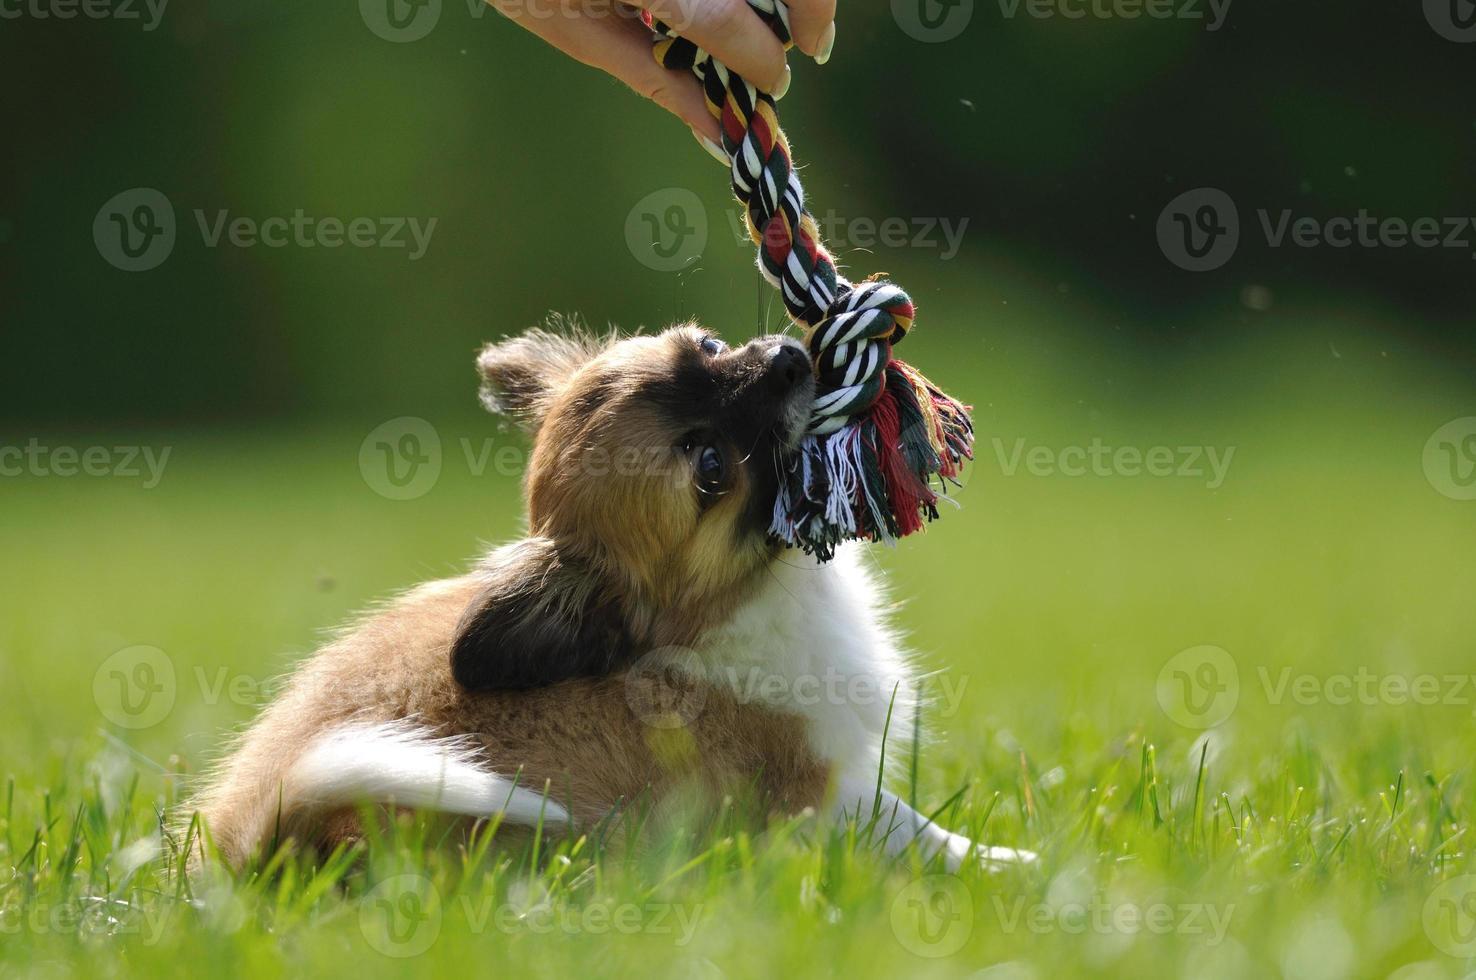 chihuahua puppy spel spelen met speelgoed in de hand van de vrouw foto